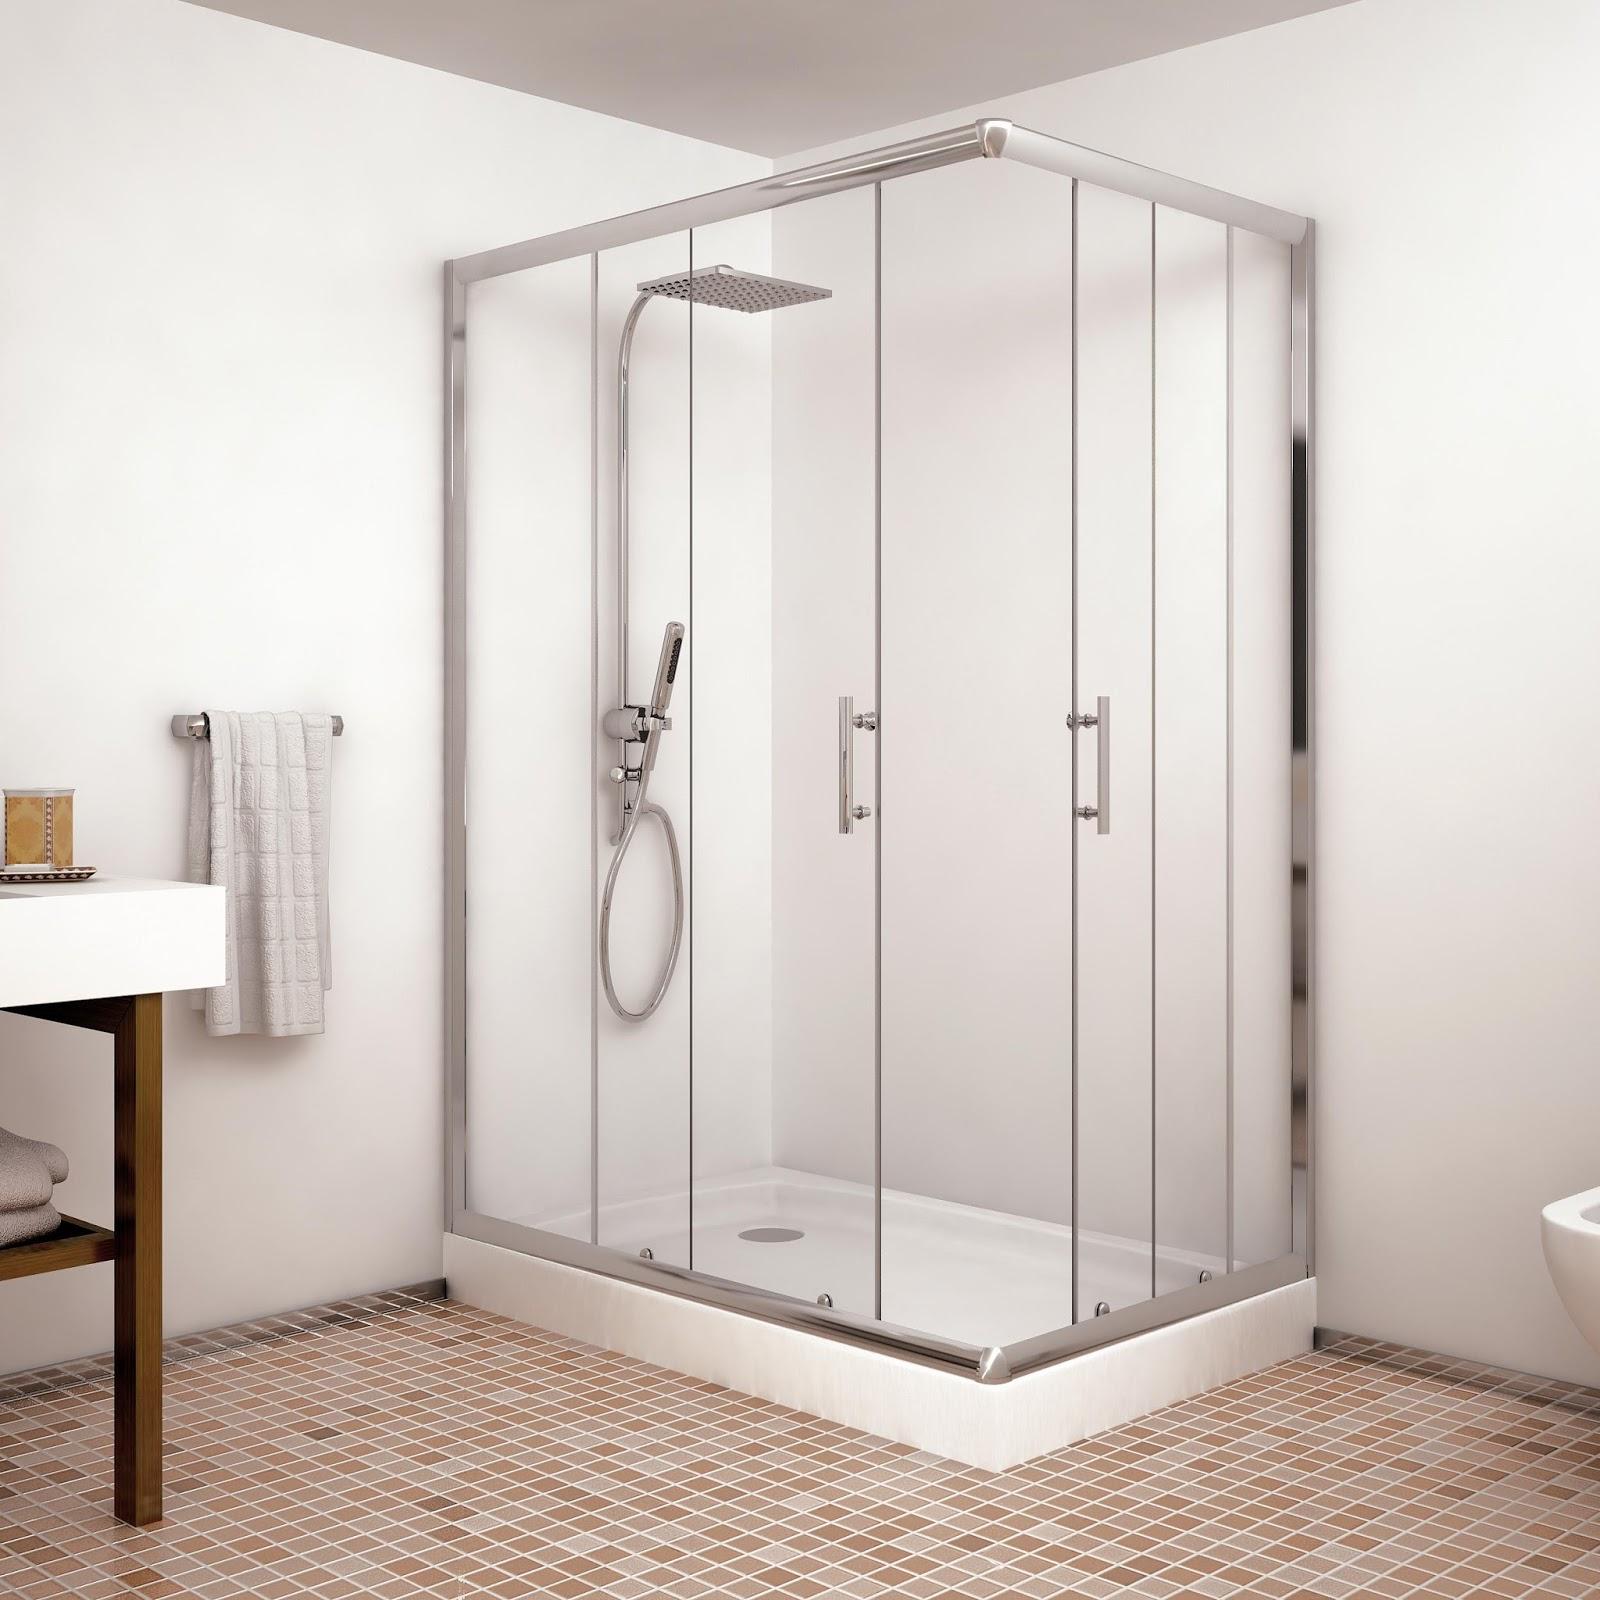 M p instalaciones platos de ducha antideslizantes en for Duchas para banos precios